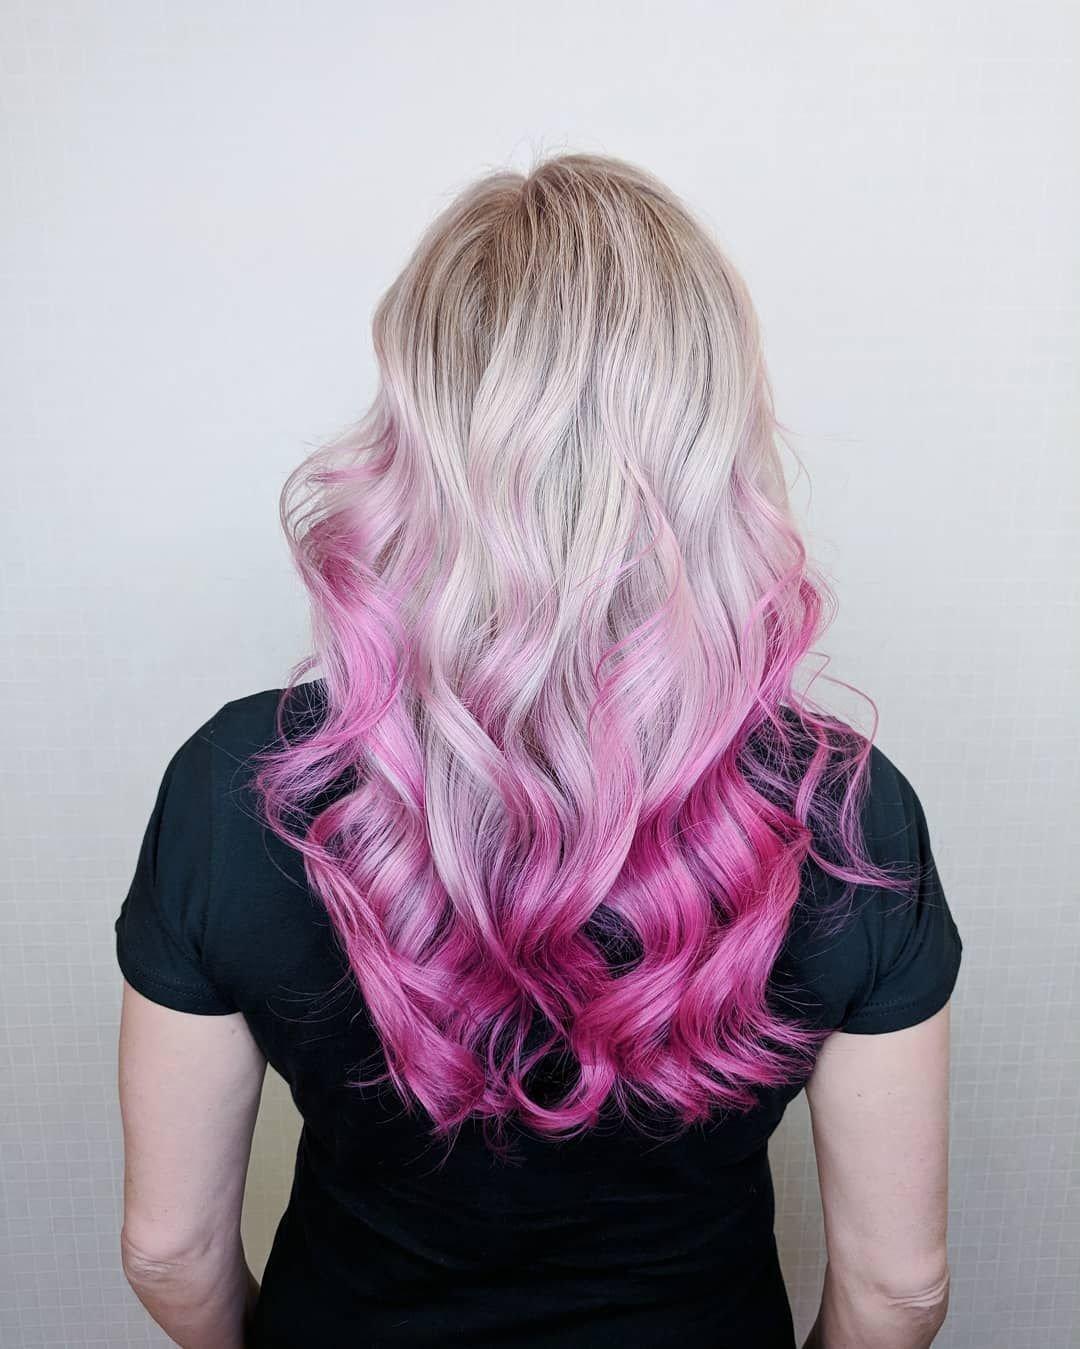 картинки розового цвета волос этого, понадобятся вам